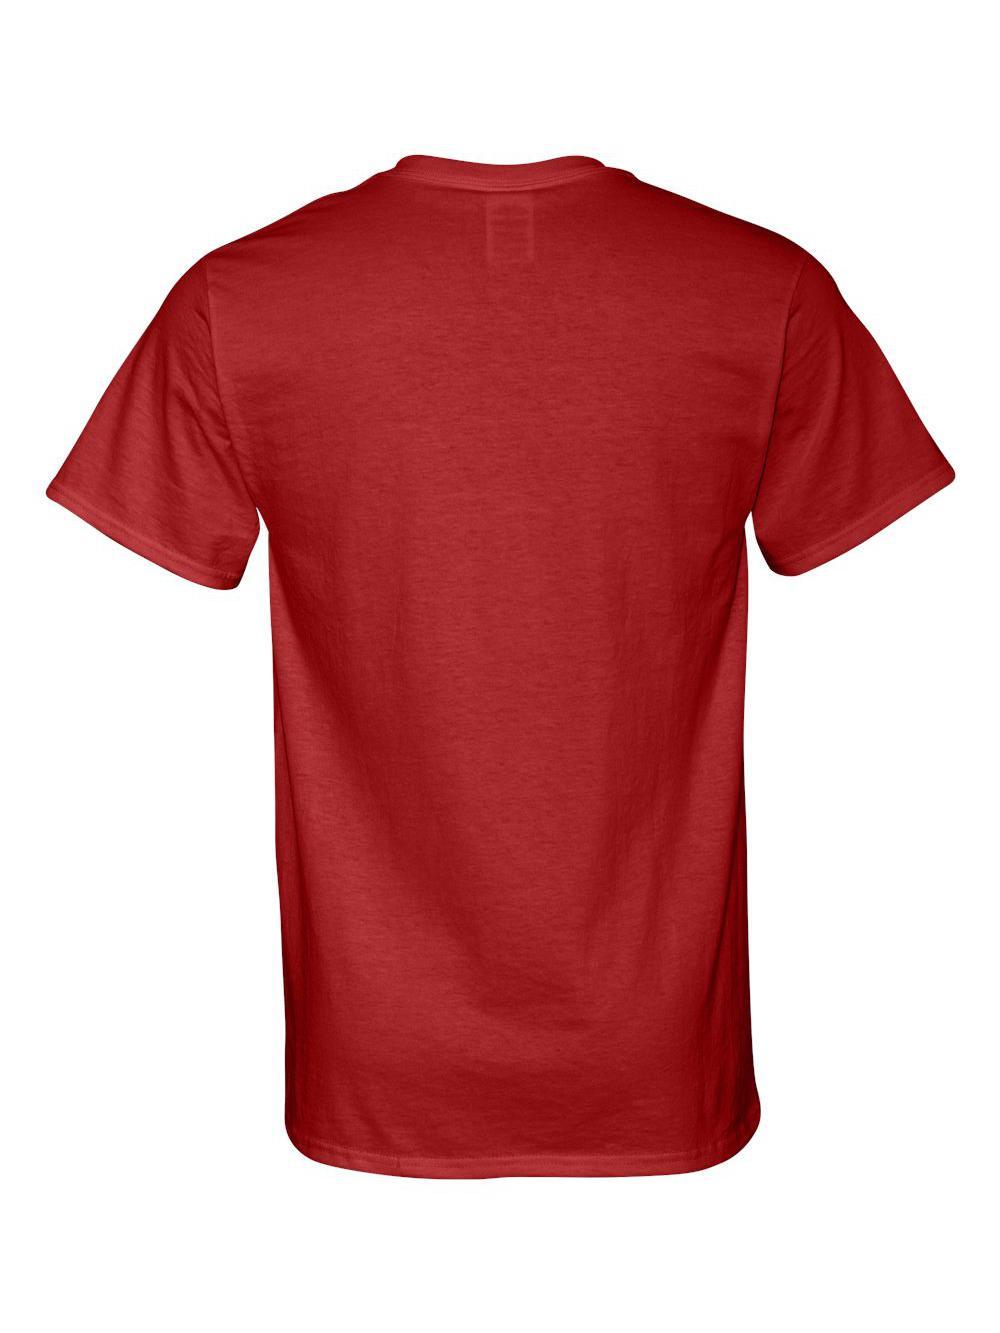 Jerzees-Dri-Power-Tall-50-50-T-Shirt-29MT thumbnail 22